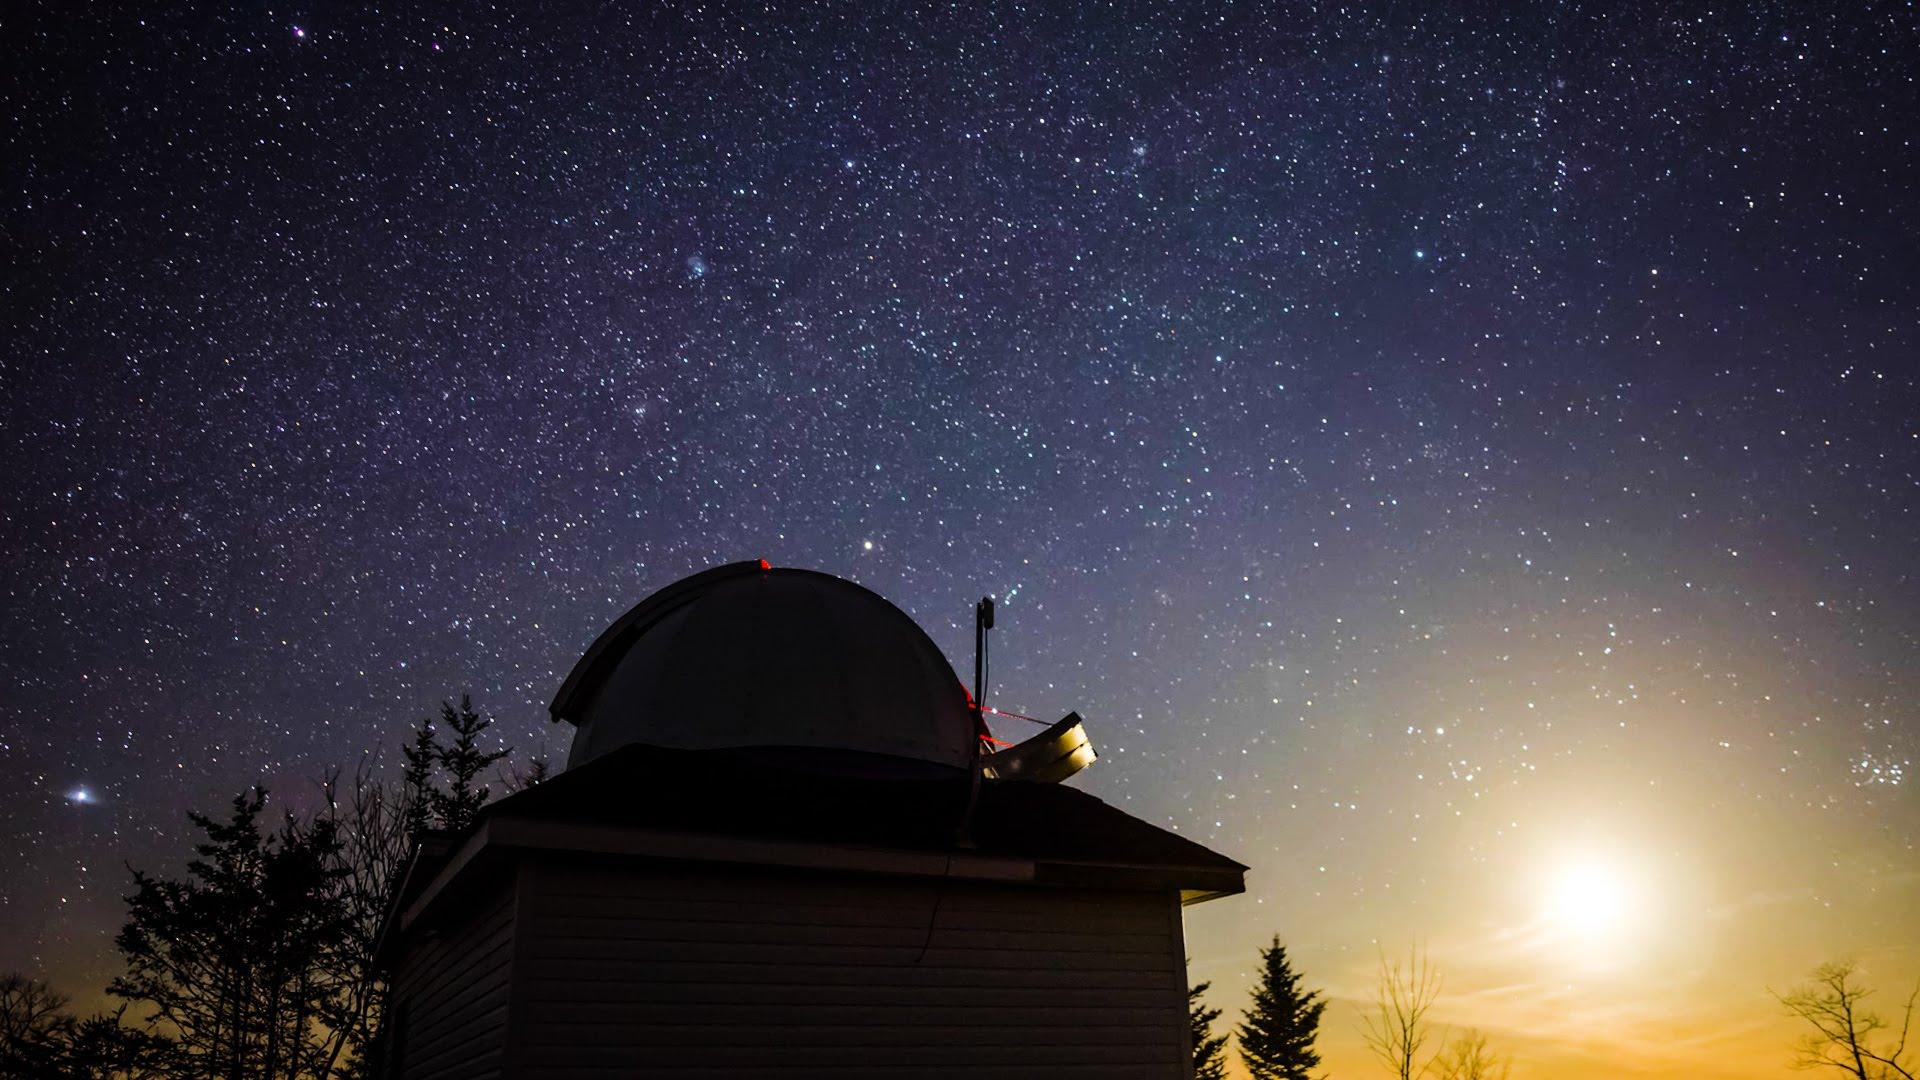 Der blinde Astronom, der die Milchstraße sah